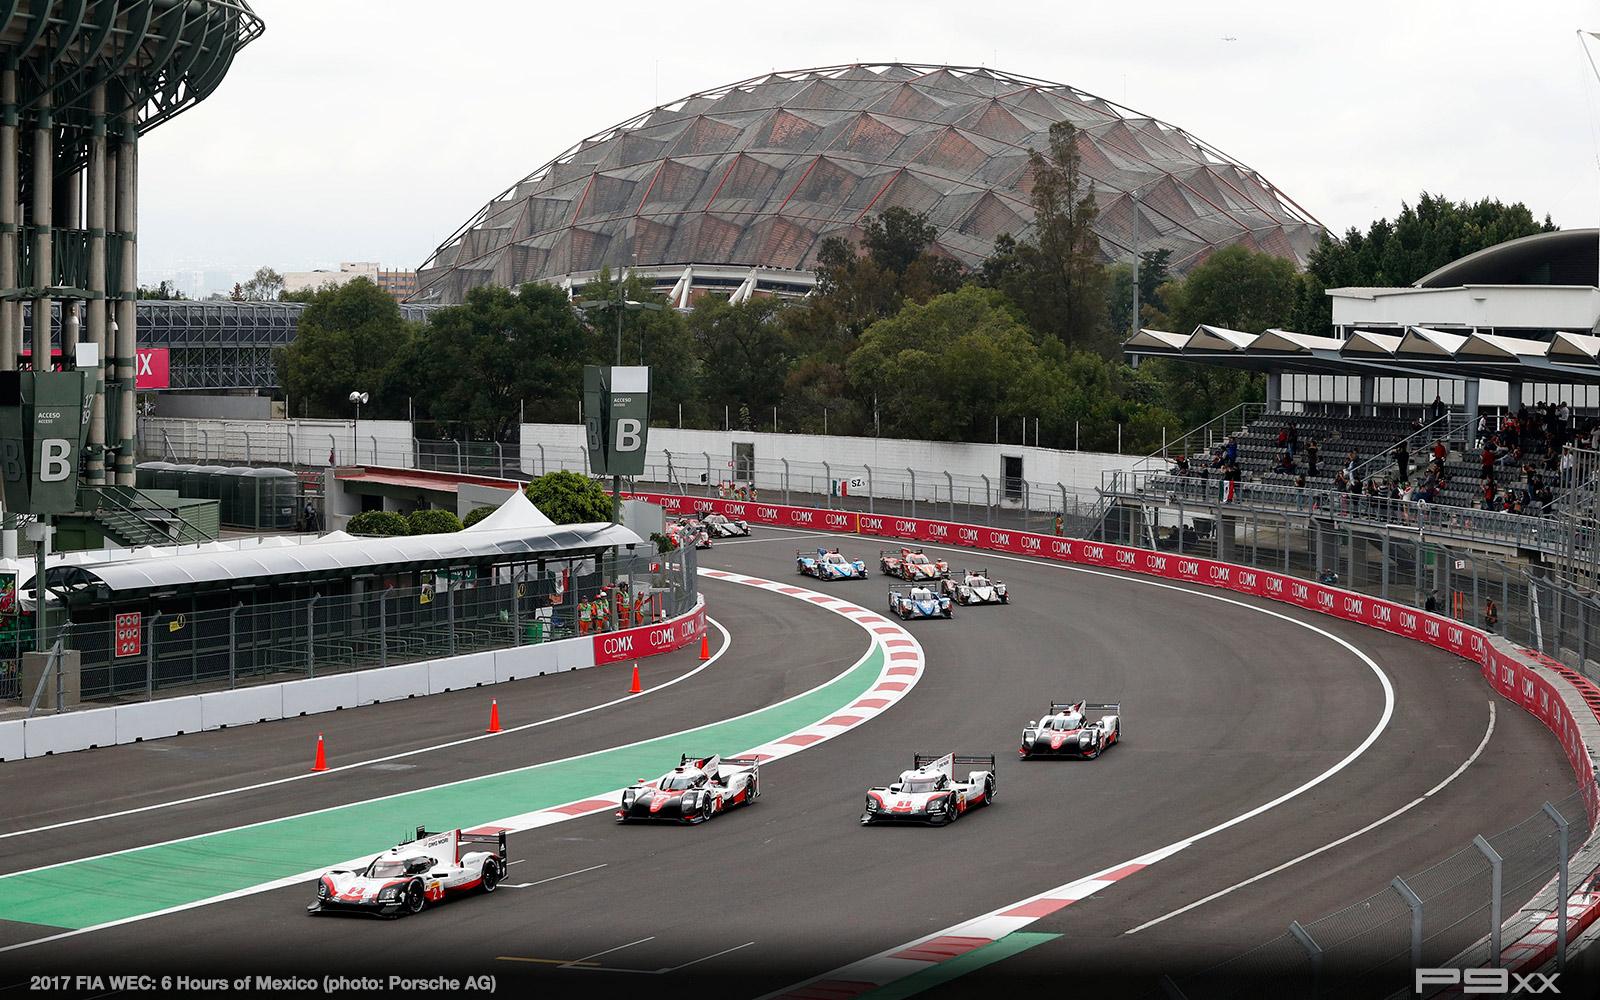 2017-FIA-WEC-6-HOURS-MEXICO-PORSCHE-1313